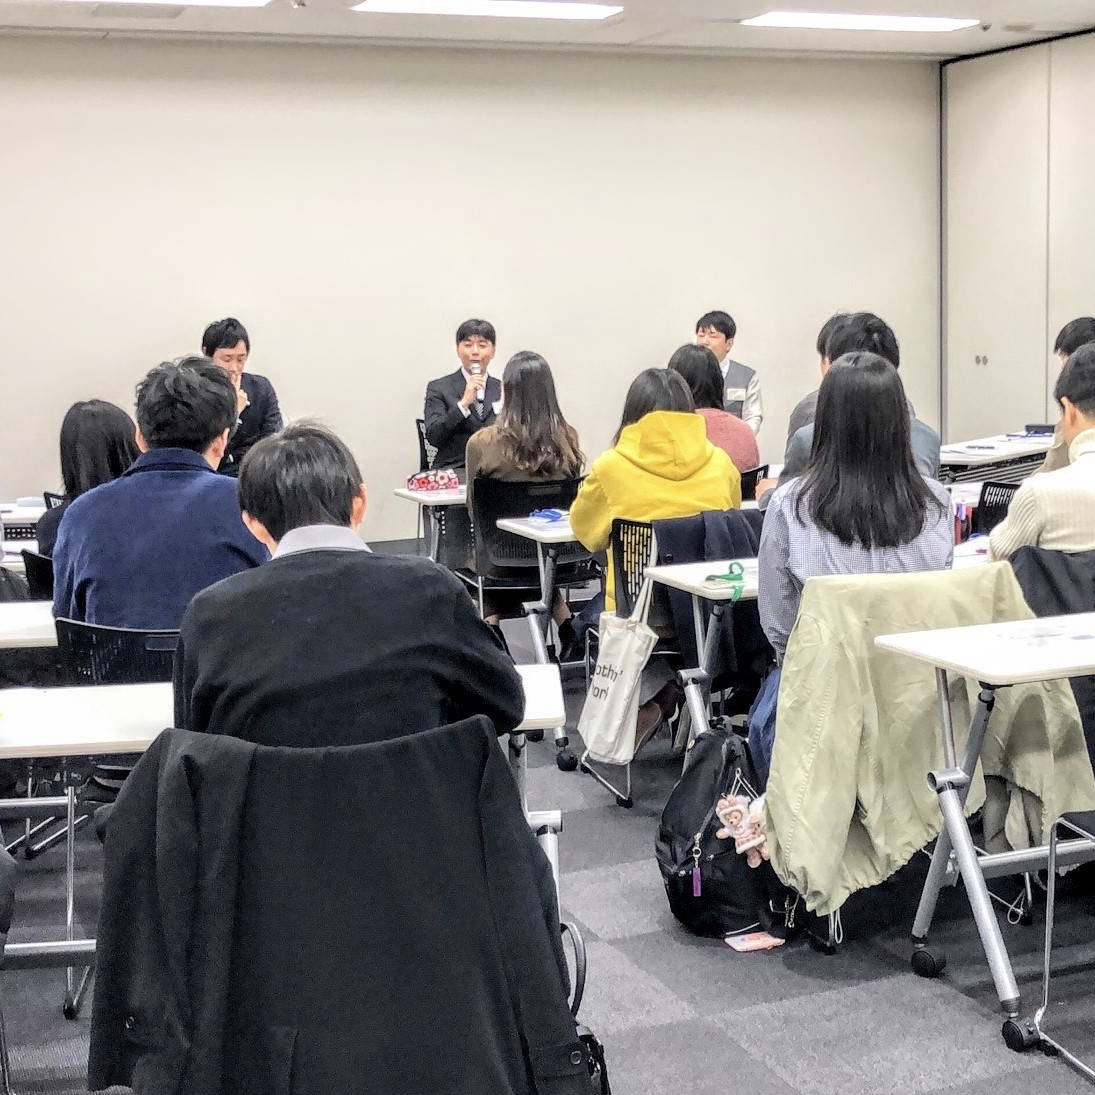 ぶっちゃけ、給料ってどのくらい?(2/2(日)薬学生×企業交流会@東京)